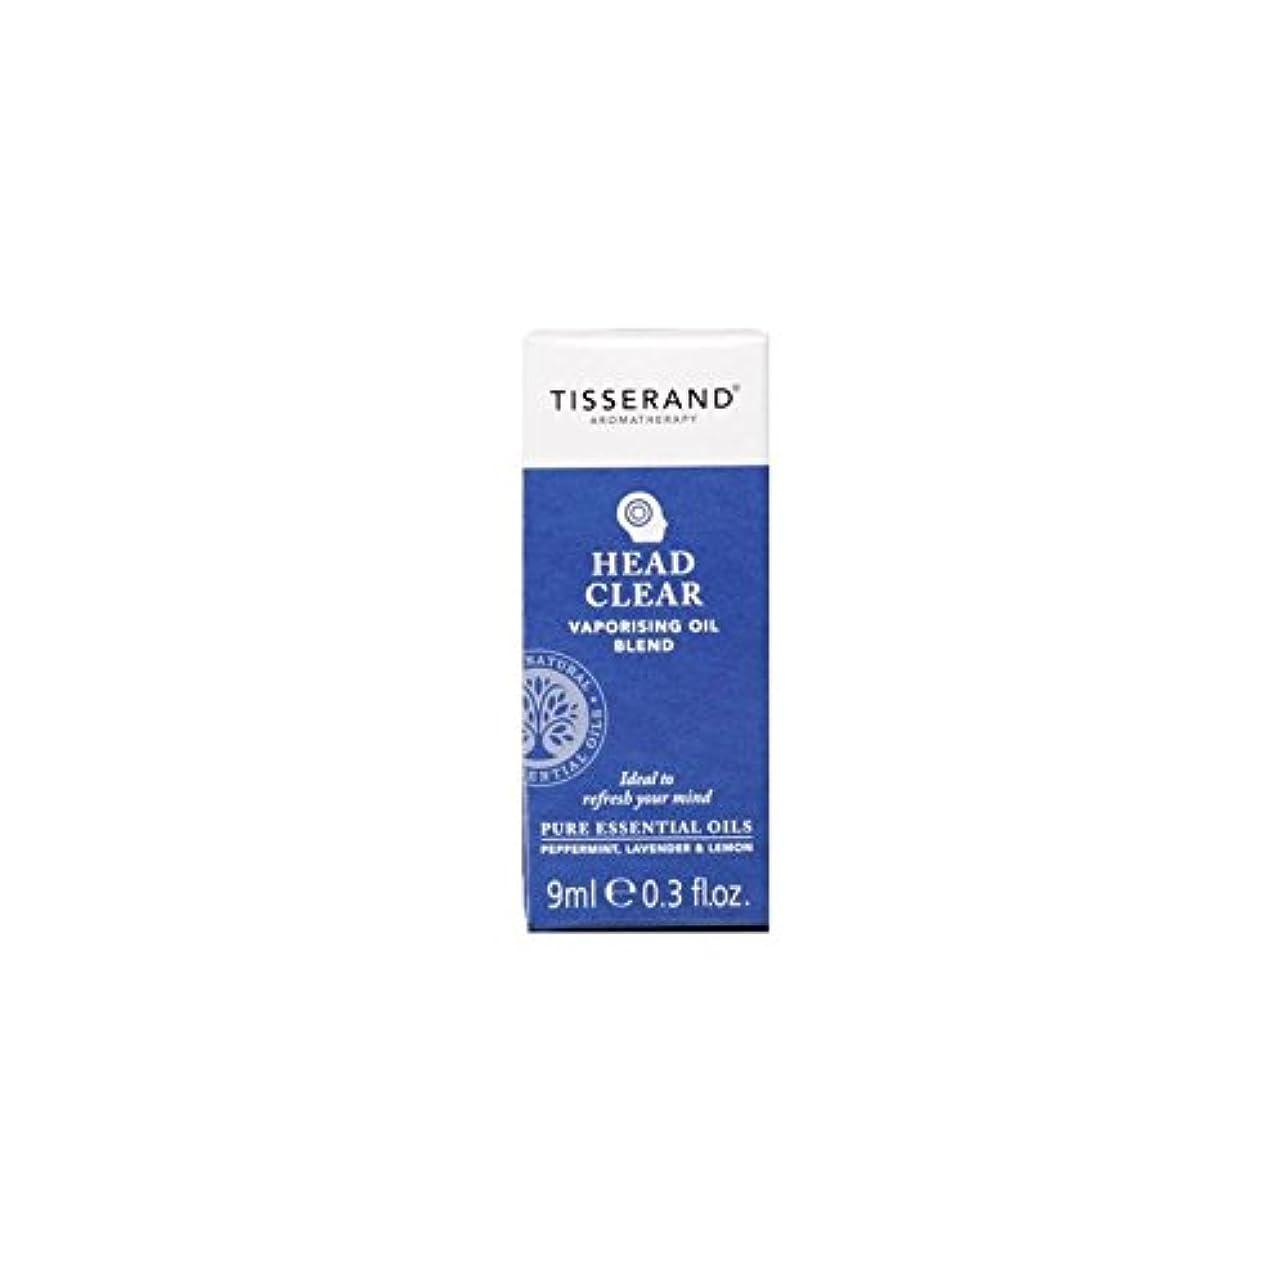 グラス実際のピラミッドヘッド明確な気化油の9ミリリットル (Tisserand) (x 2) - Tisserand Head Clear Vaporising Oil 9ml (Pack of 2) [並行輸入品]